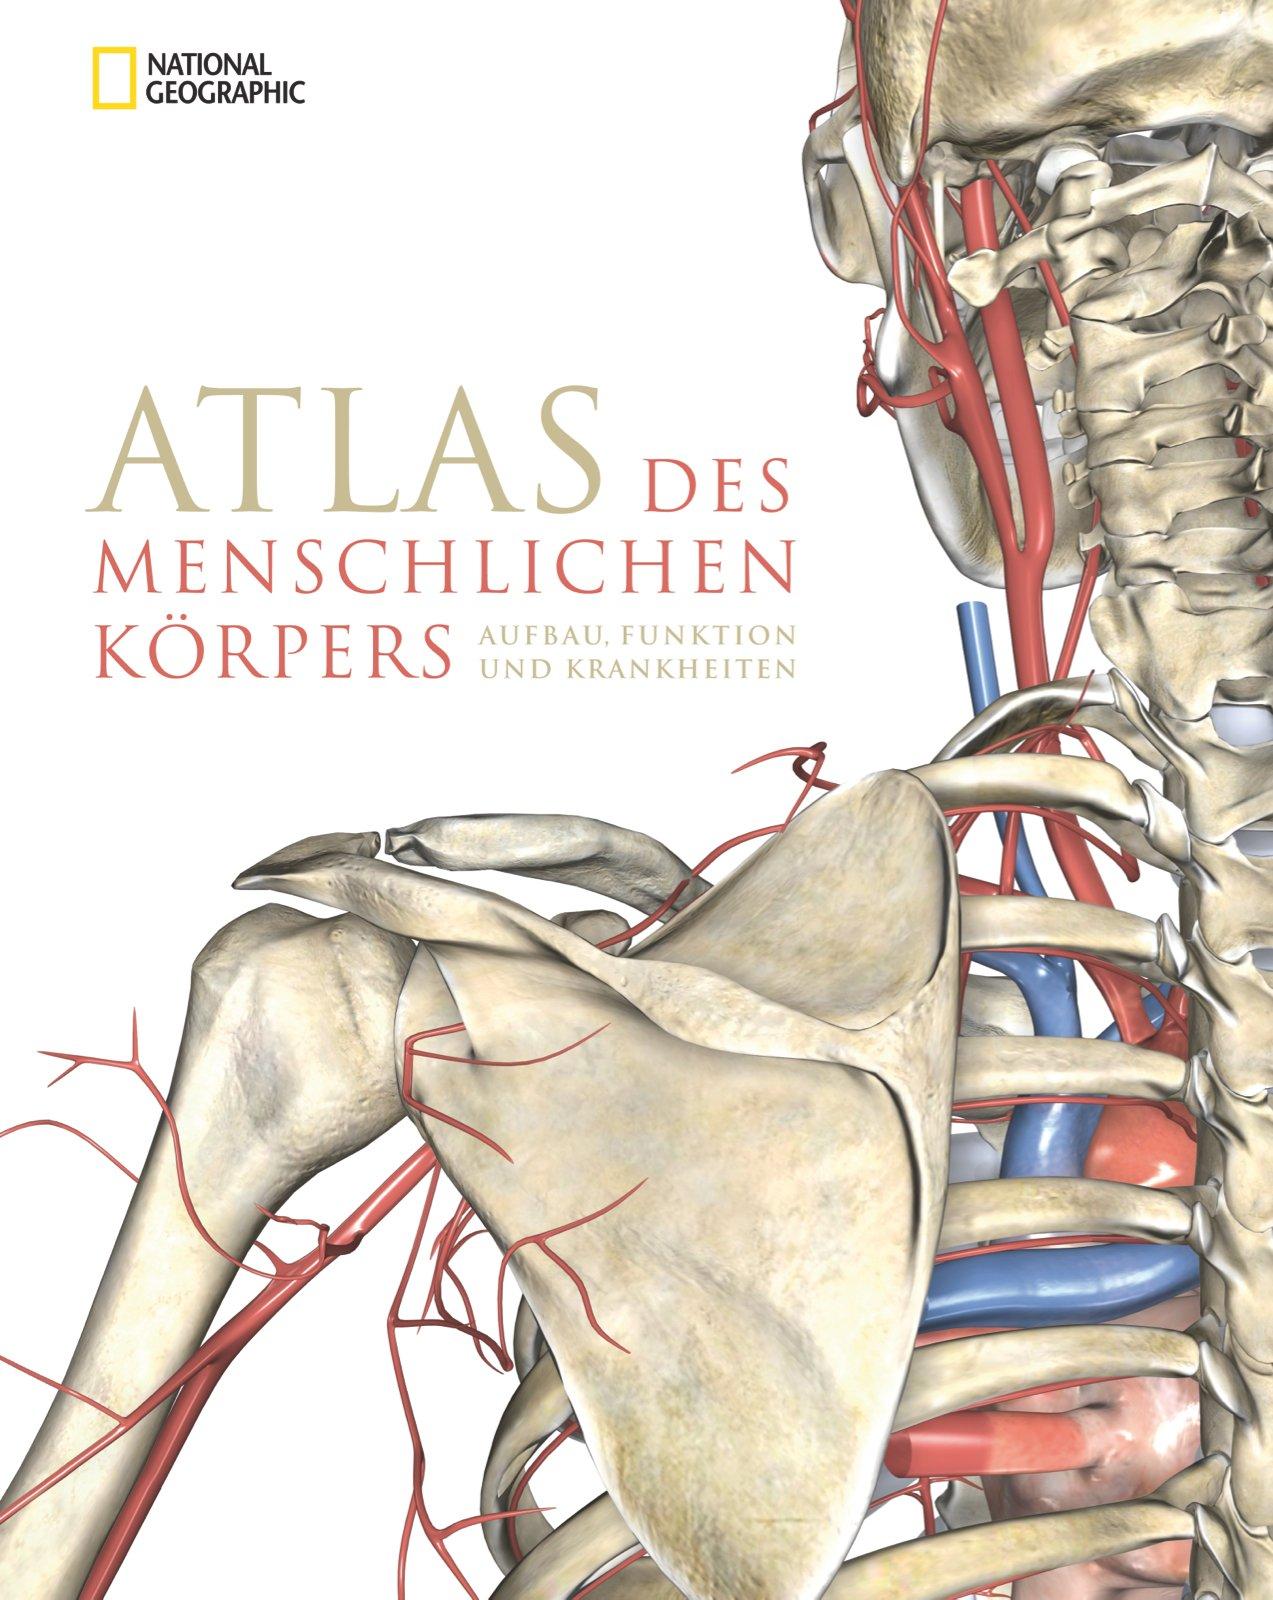 Atlas des menschlichen Körpers: Aufbau, Funktion und Krankheiten ...